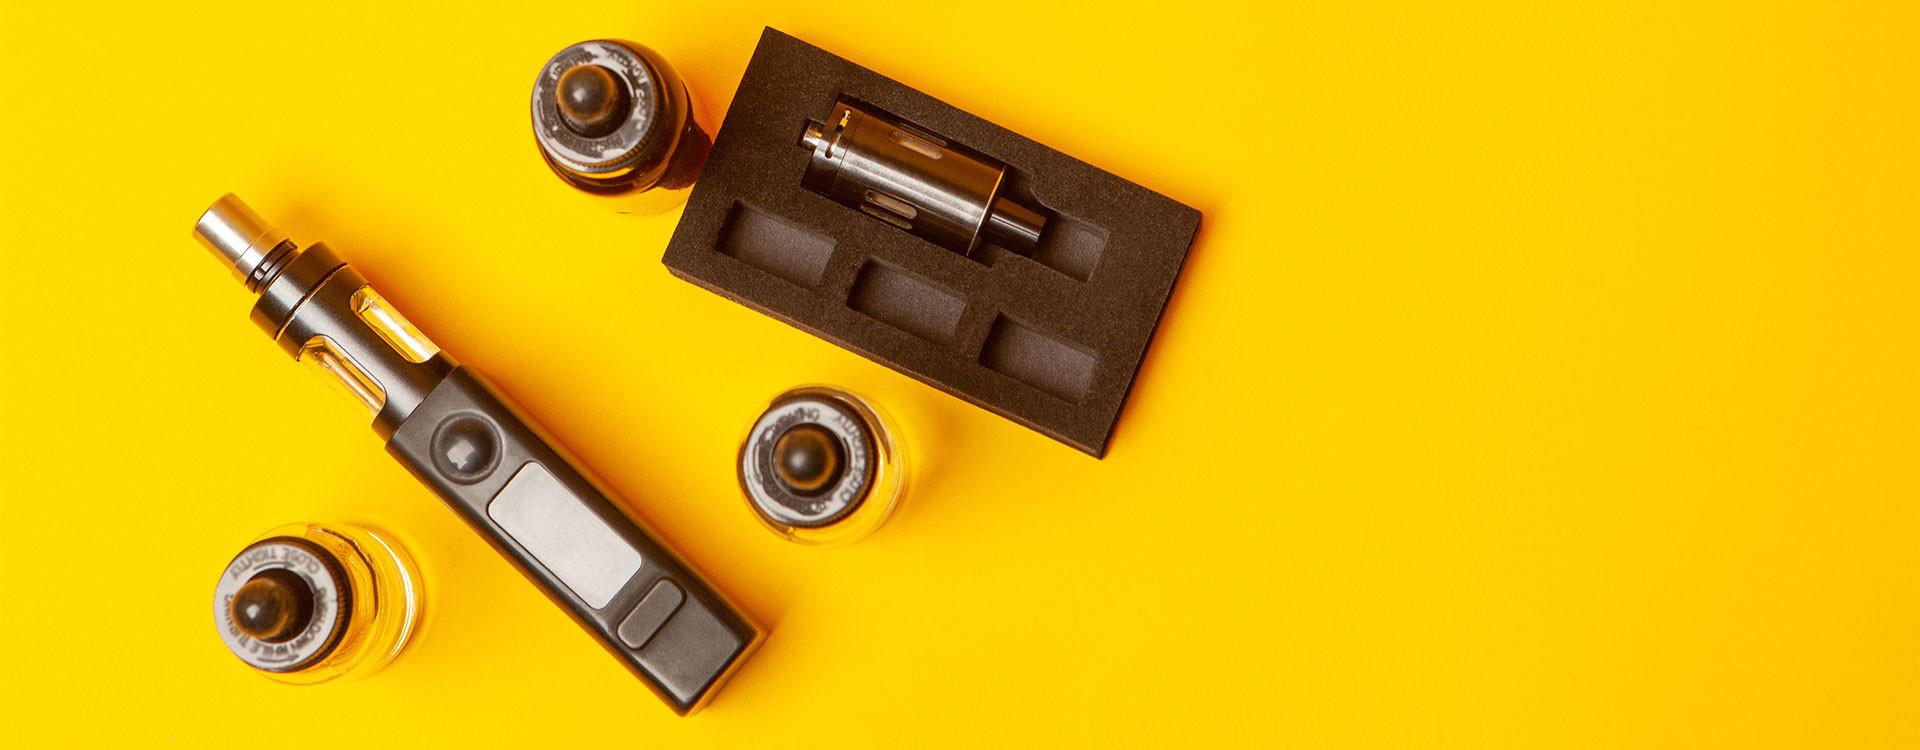 Comment protéger la batterie de votre cigarette électronique pendant l'été